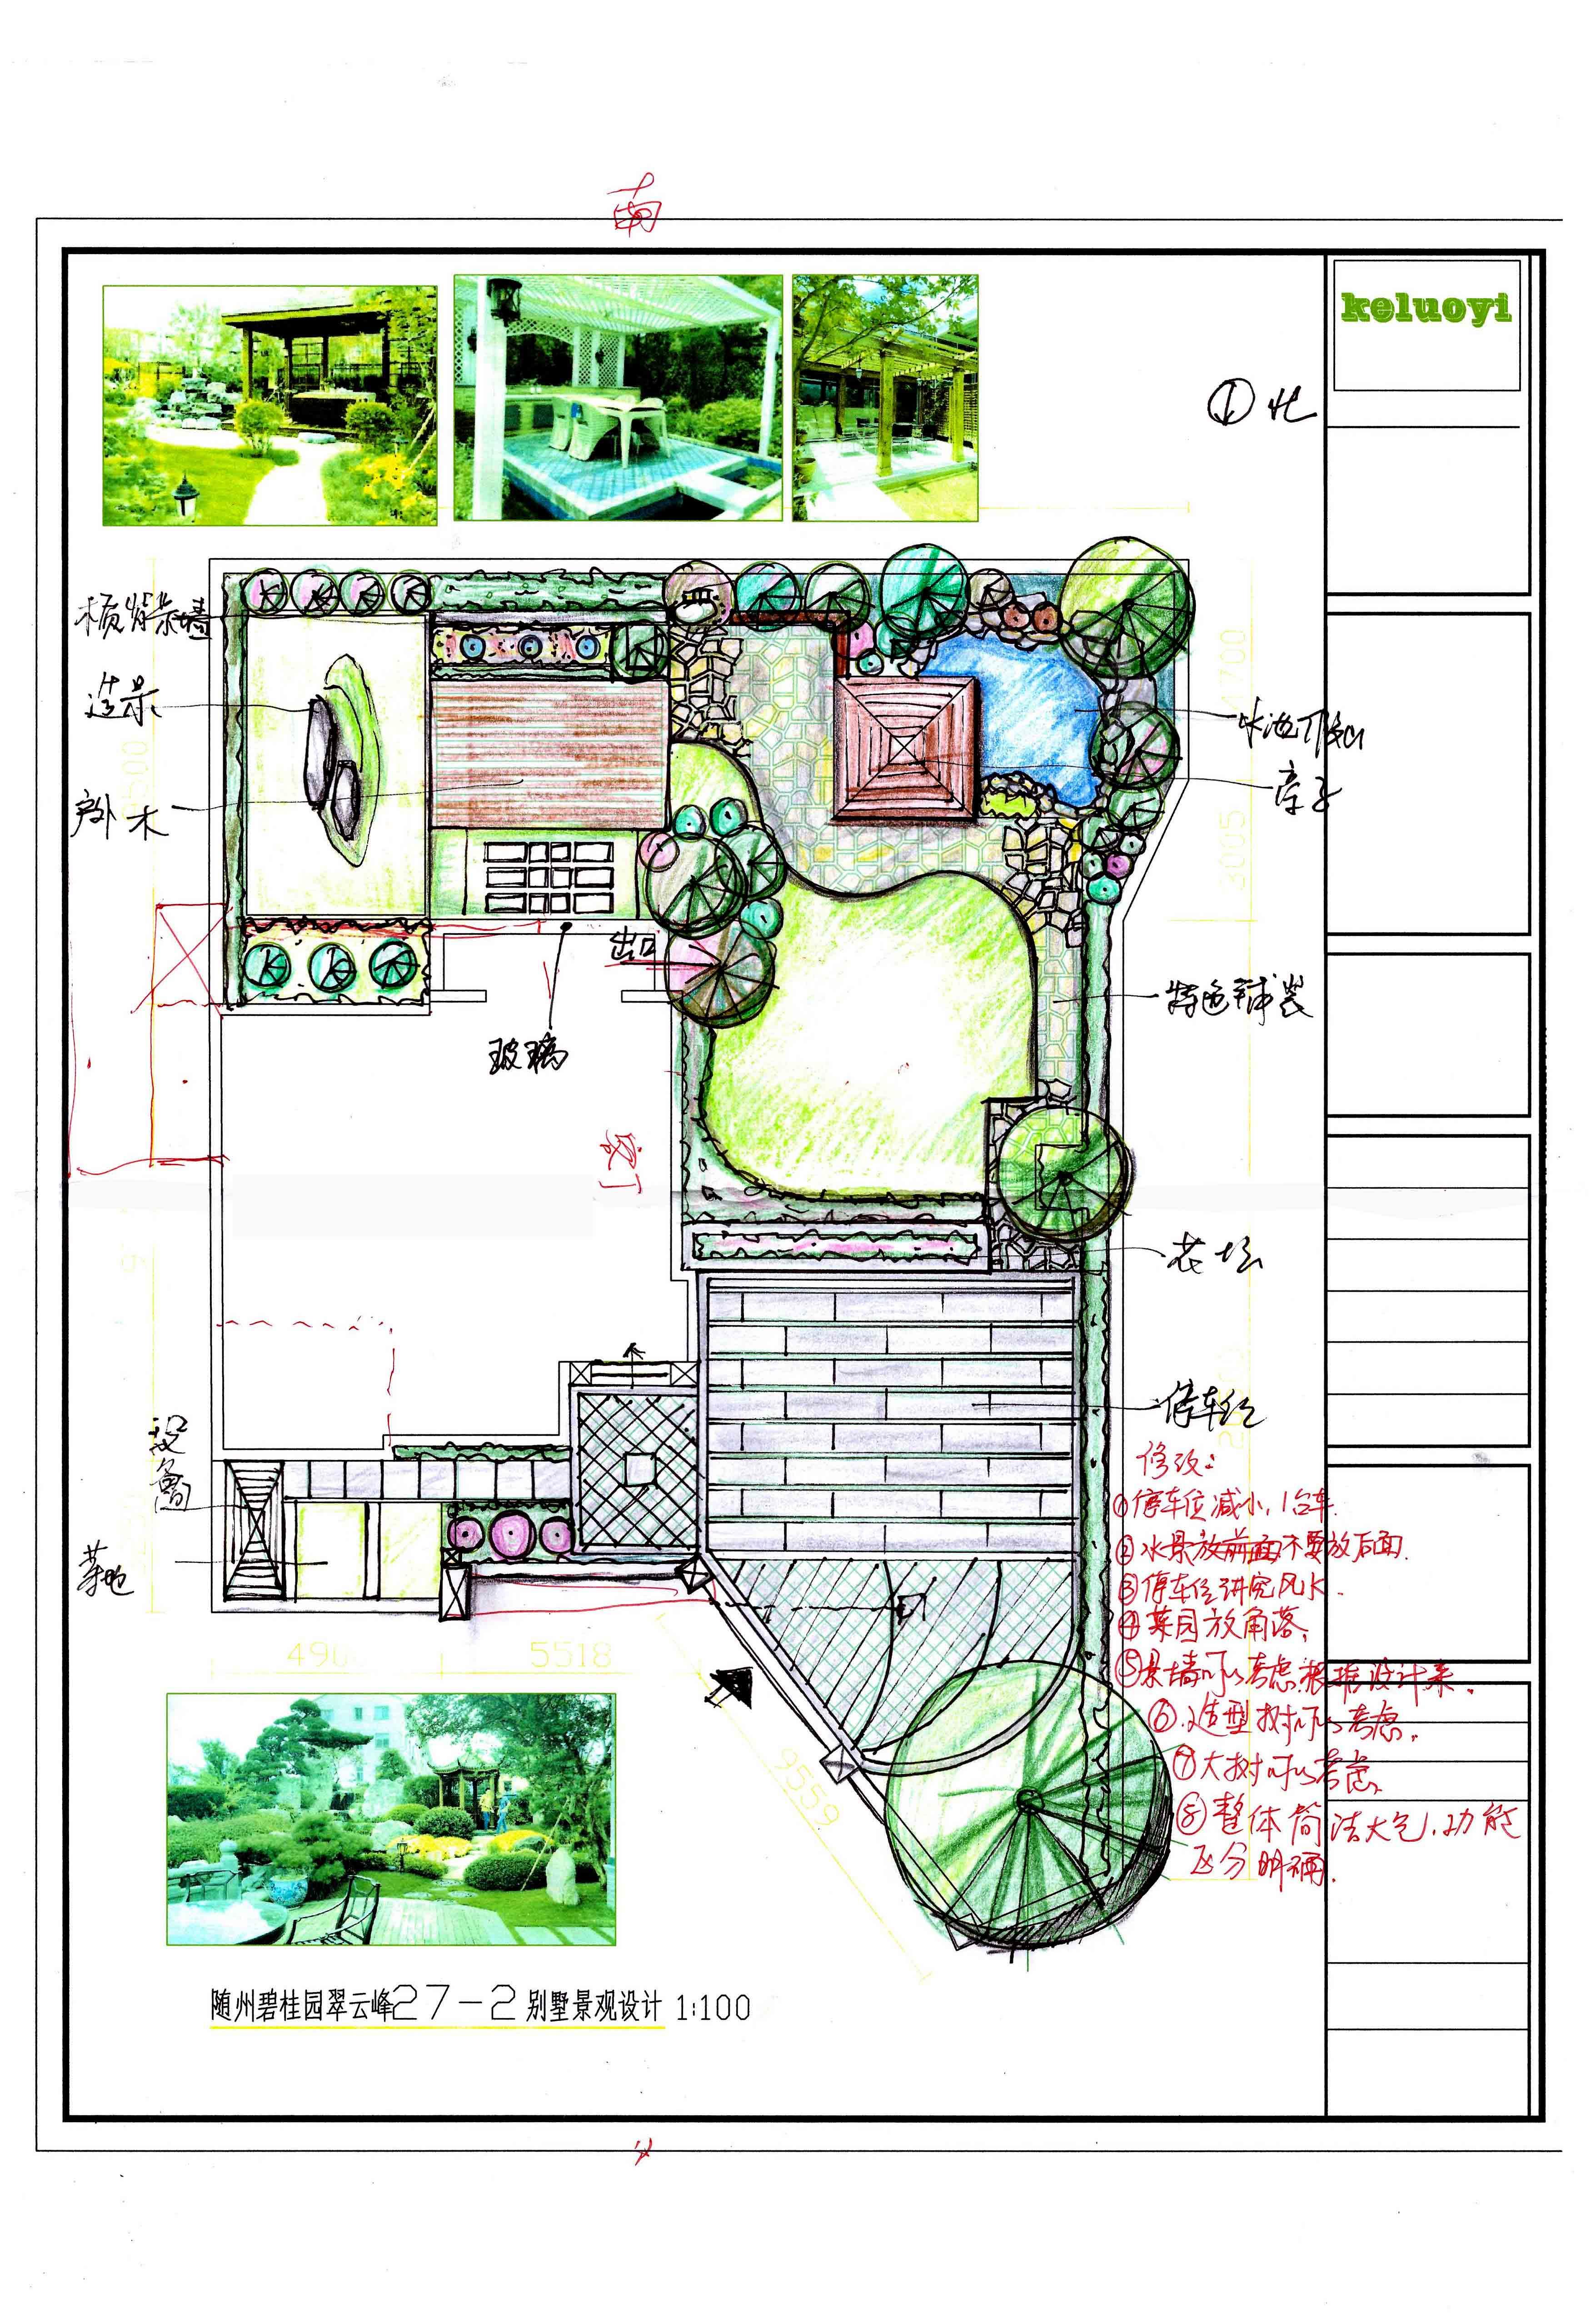 武汉别墅庭院私家花园景观设计施工一体化服务—克洛伊园艺